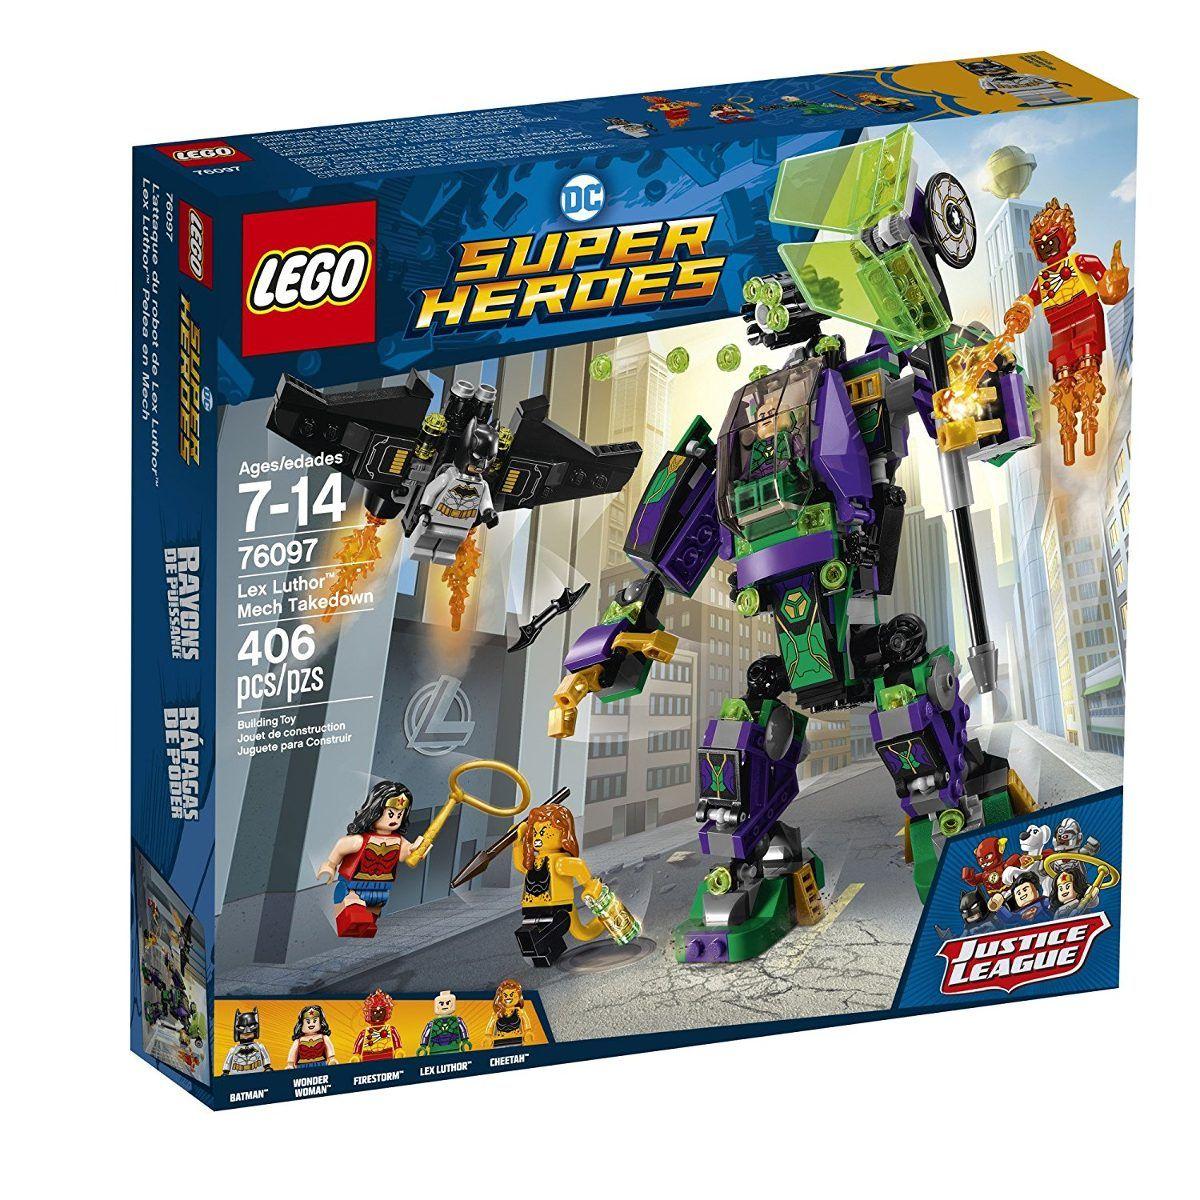 Lego 76097 Super Heroes Liga da Justiça - Robô do Lex Luthor -406 peças